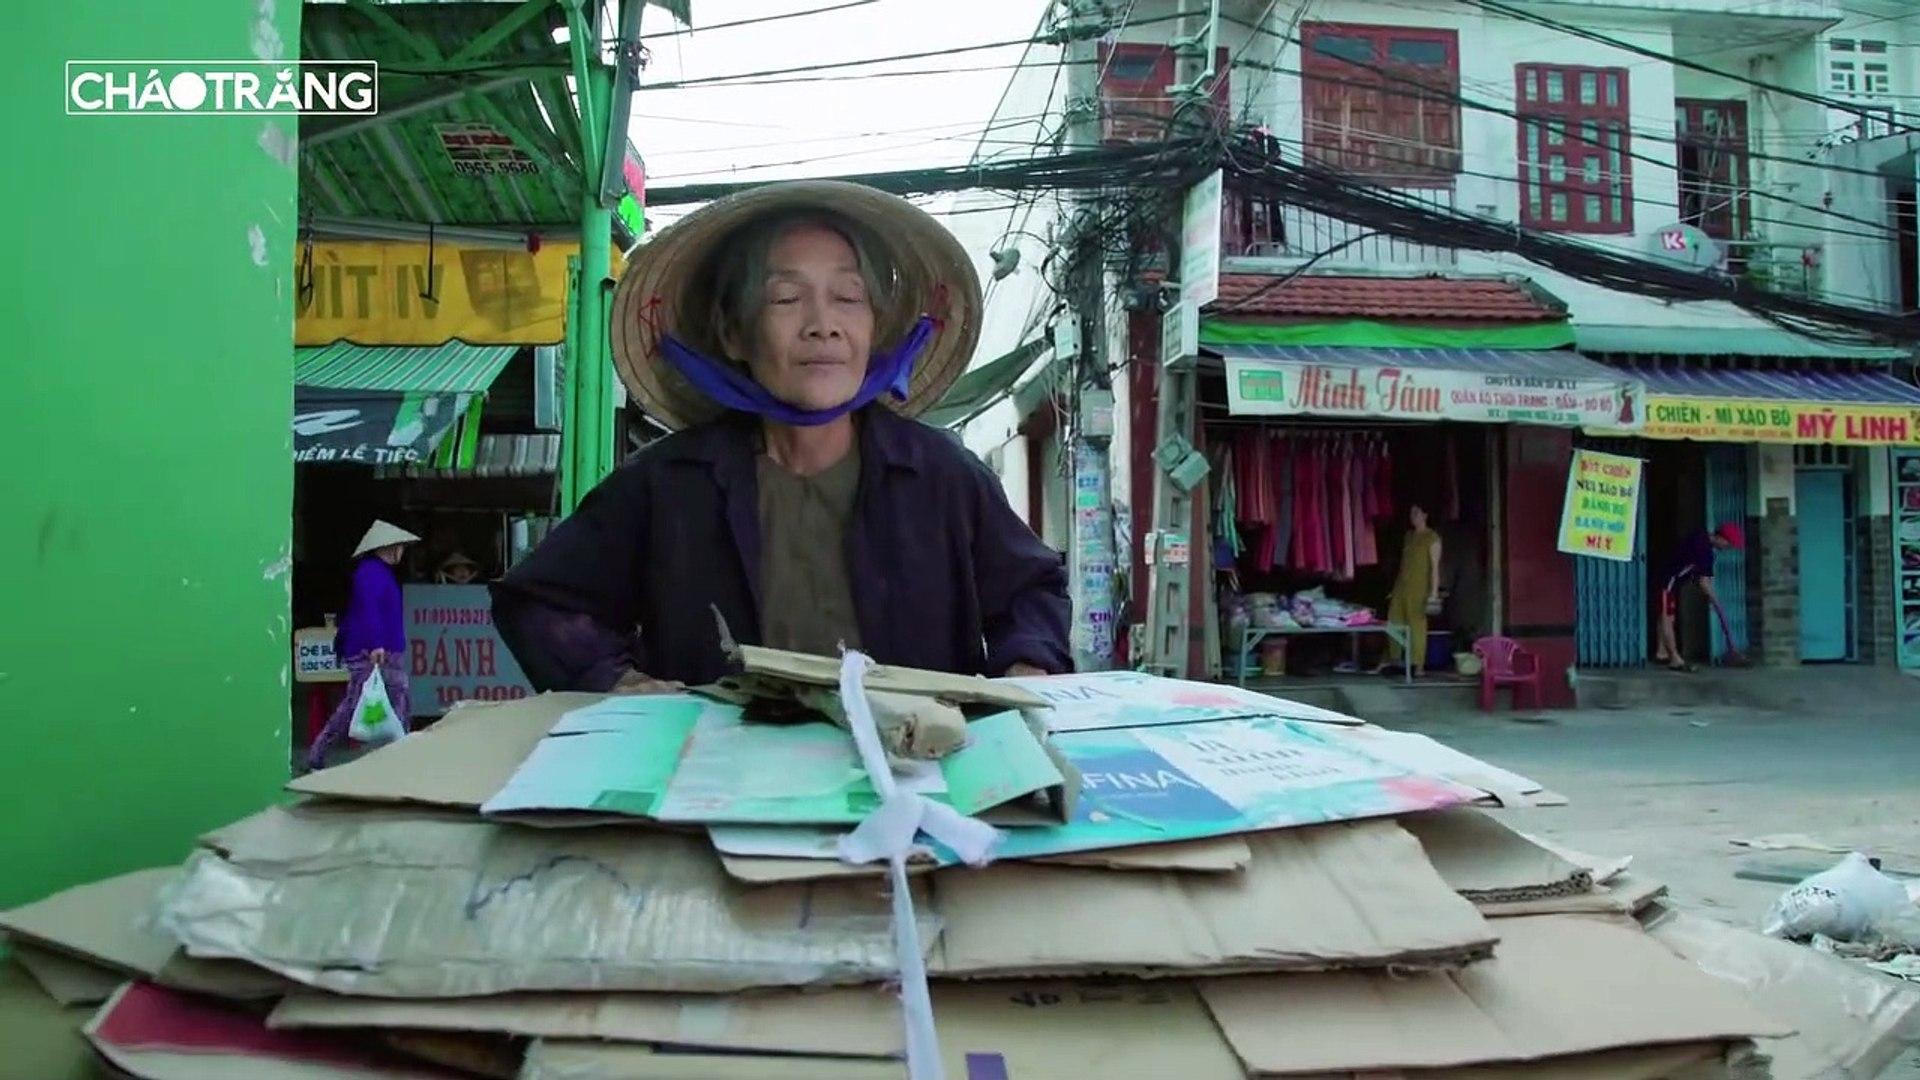 Coi Thường Bà Lão Mua Phế Liệu Và Bài Học Đắt Giá - Phim Ngắn 2019 - Cháo Trắng 02